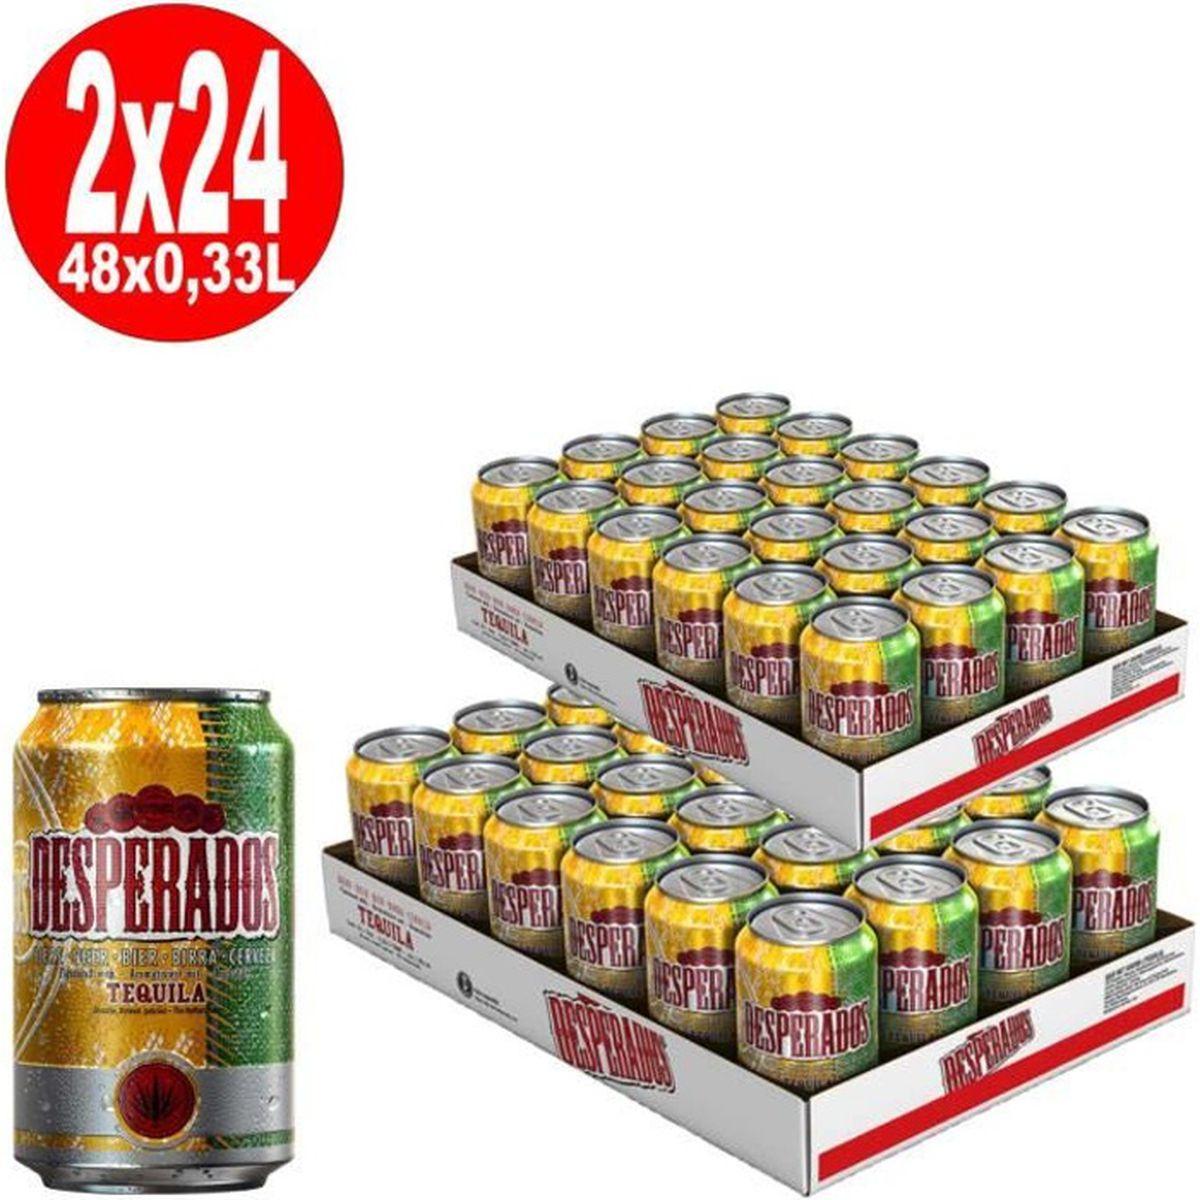 2 X Biere Desperados Tequila 24x 0 33 L 48 Canettes 5 9 Vol One Way Achat Vente Biere 2 X Biere Desperados Tequil Cdiscount